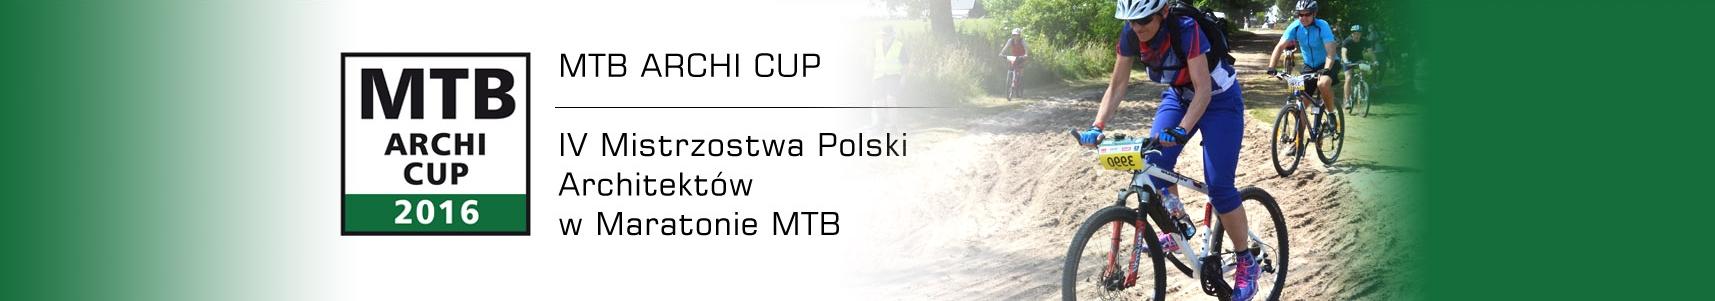 MTB Archi Cup 2016 motyw